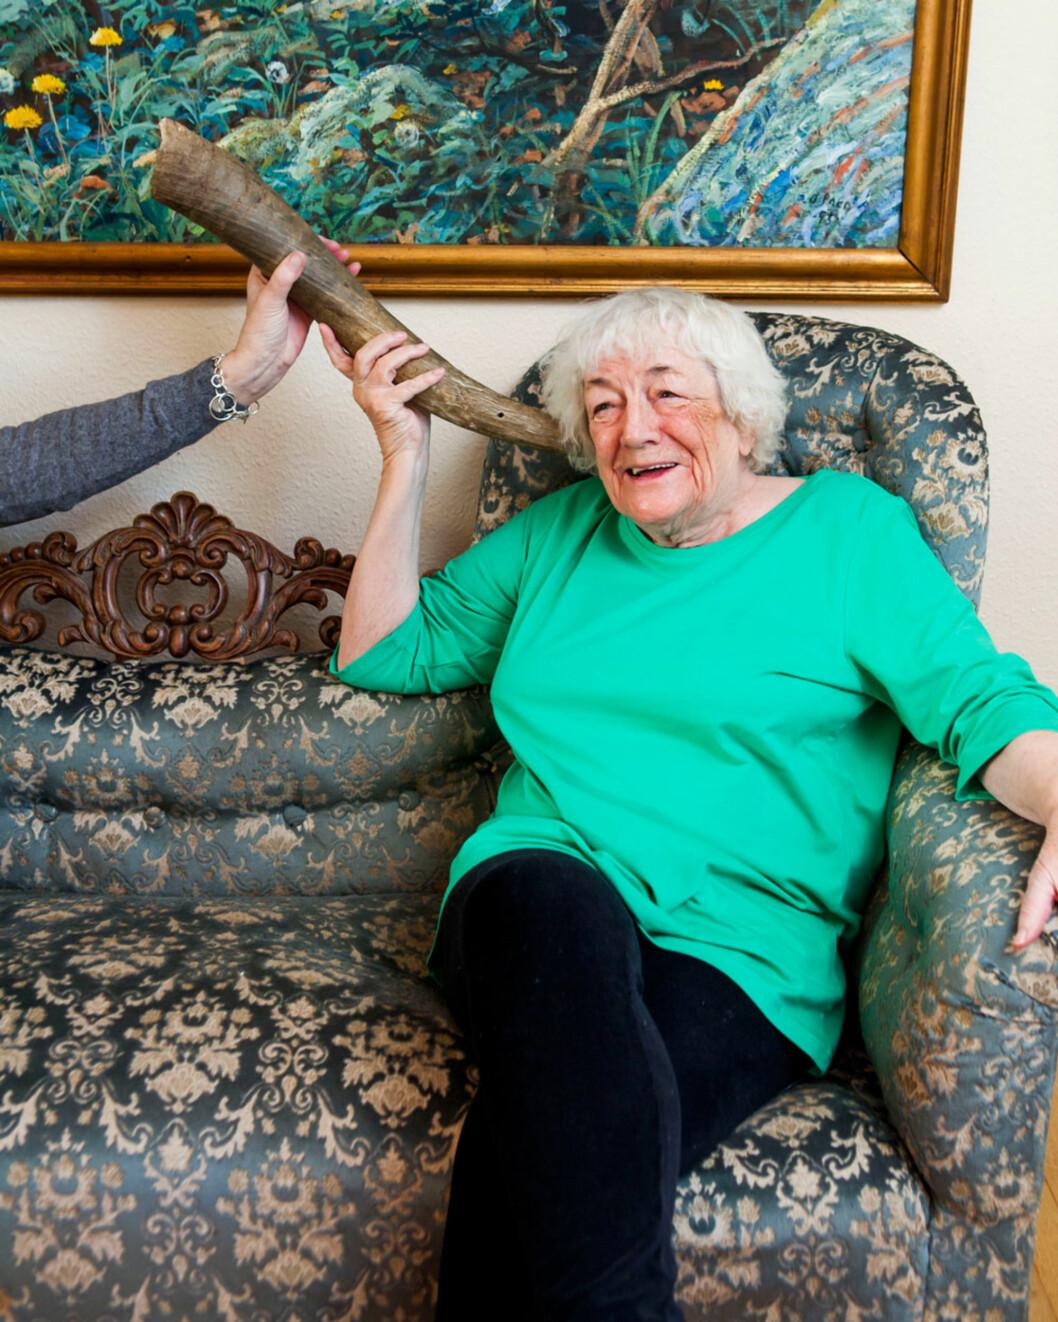 Margit har lenge nektet å la seg styre etter plager som kommer med årene, men hun revurderer å gå til anskaffelse av et lite høreapparat.